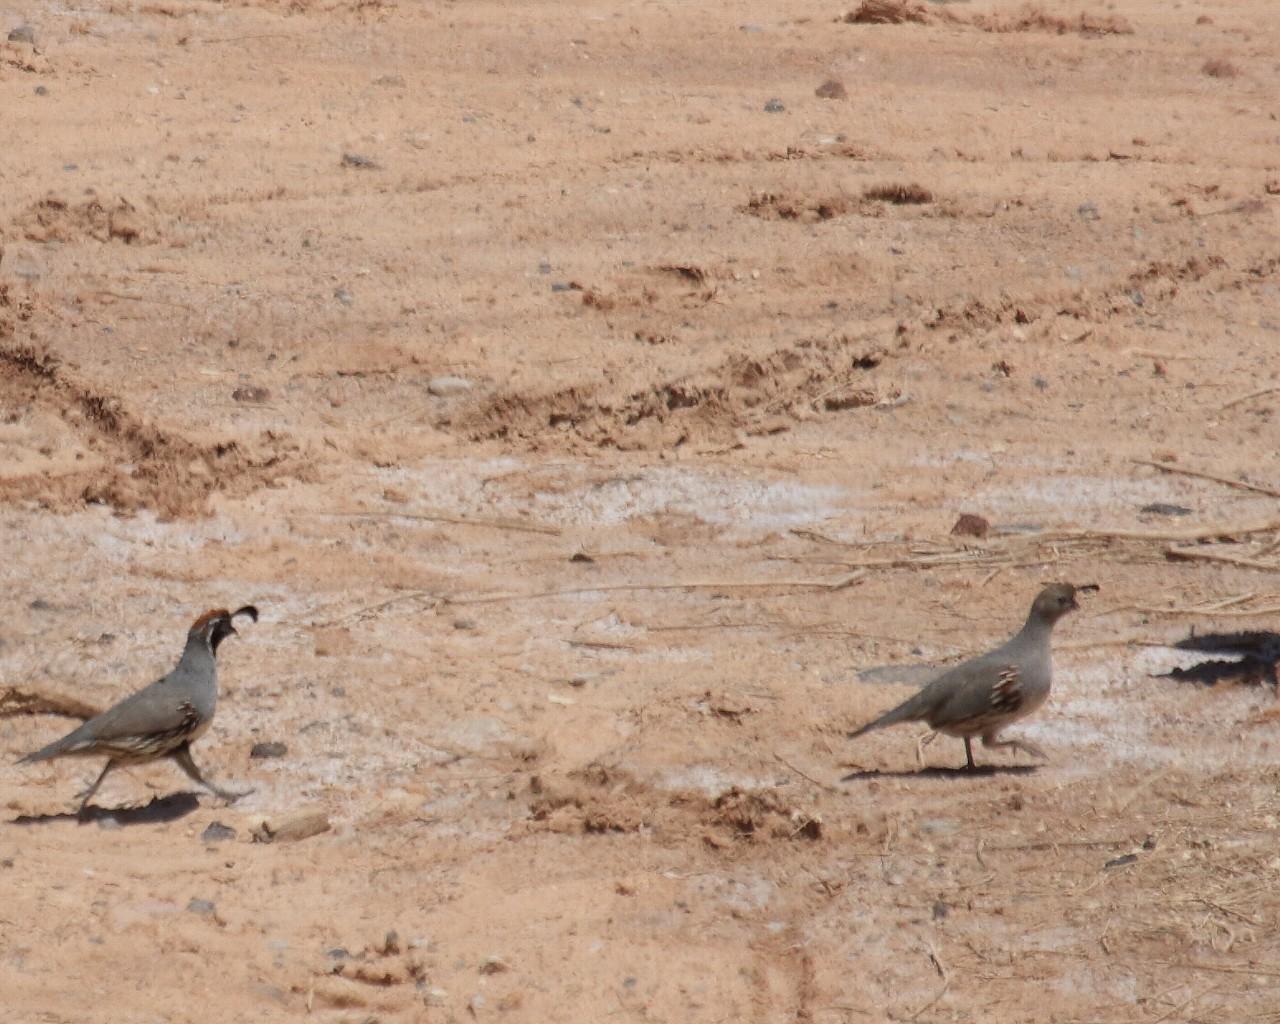 ネヴァダ州の鳥その7: ウズラの仲間_f0105570_2131517.jpg